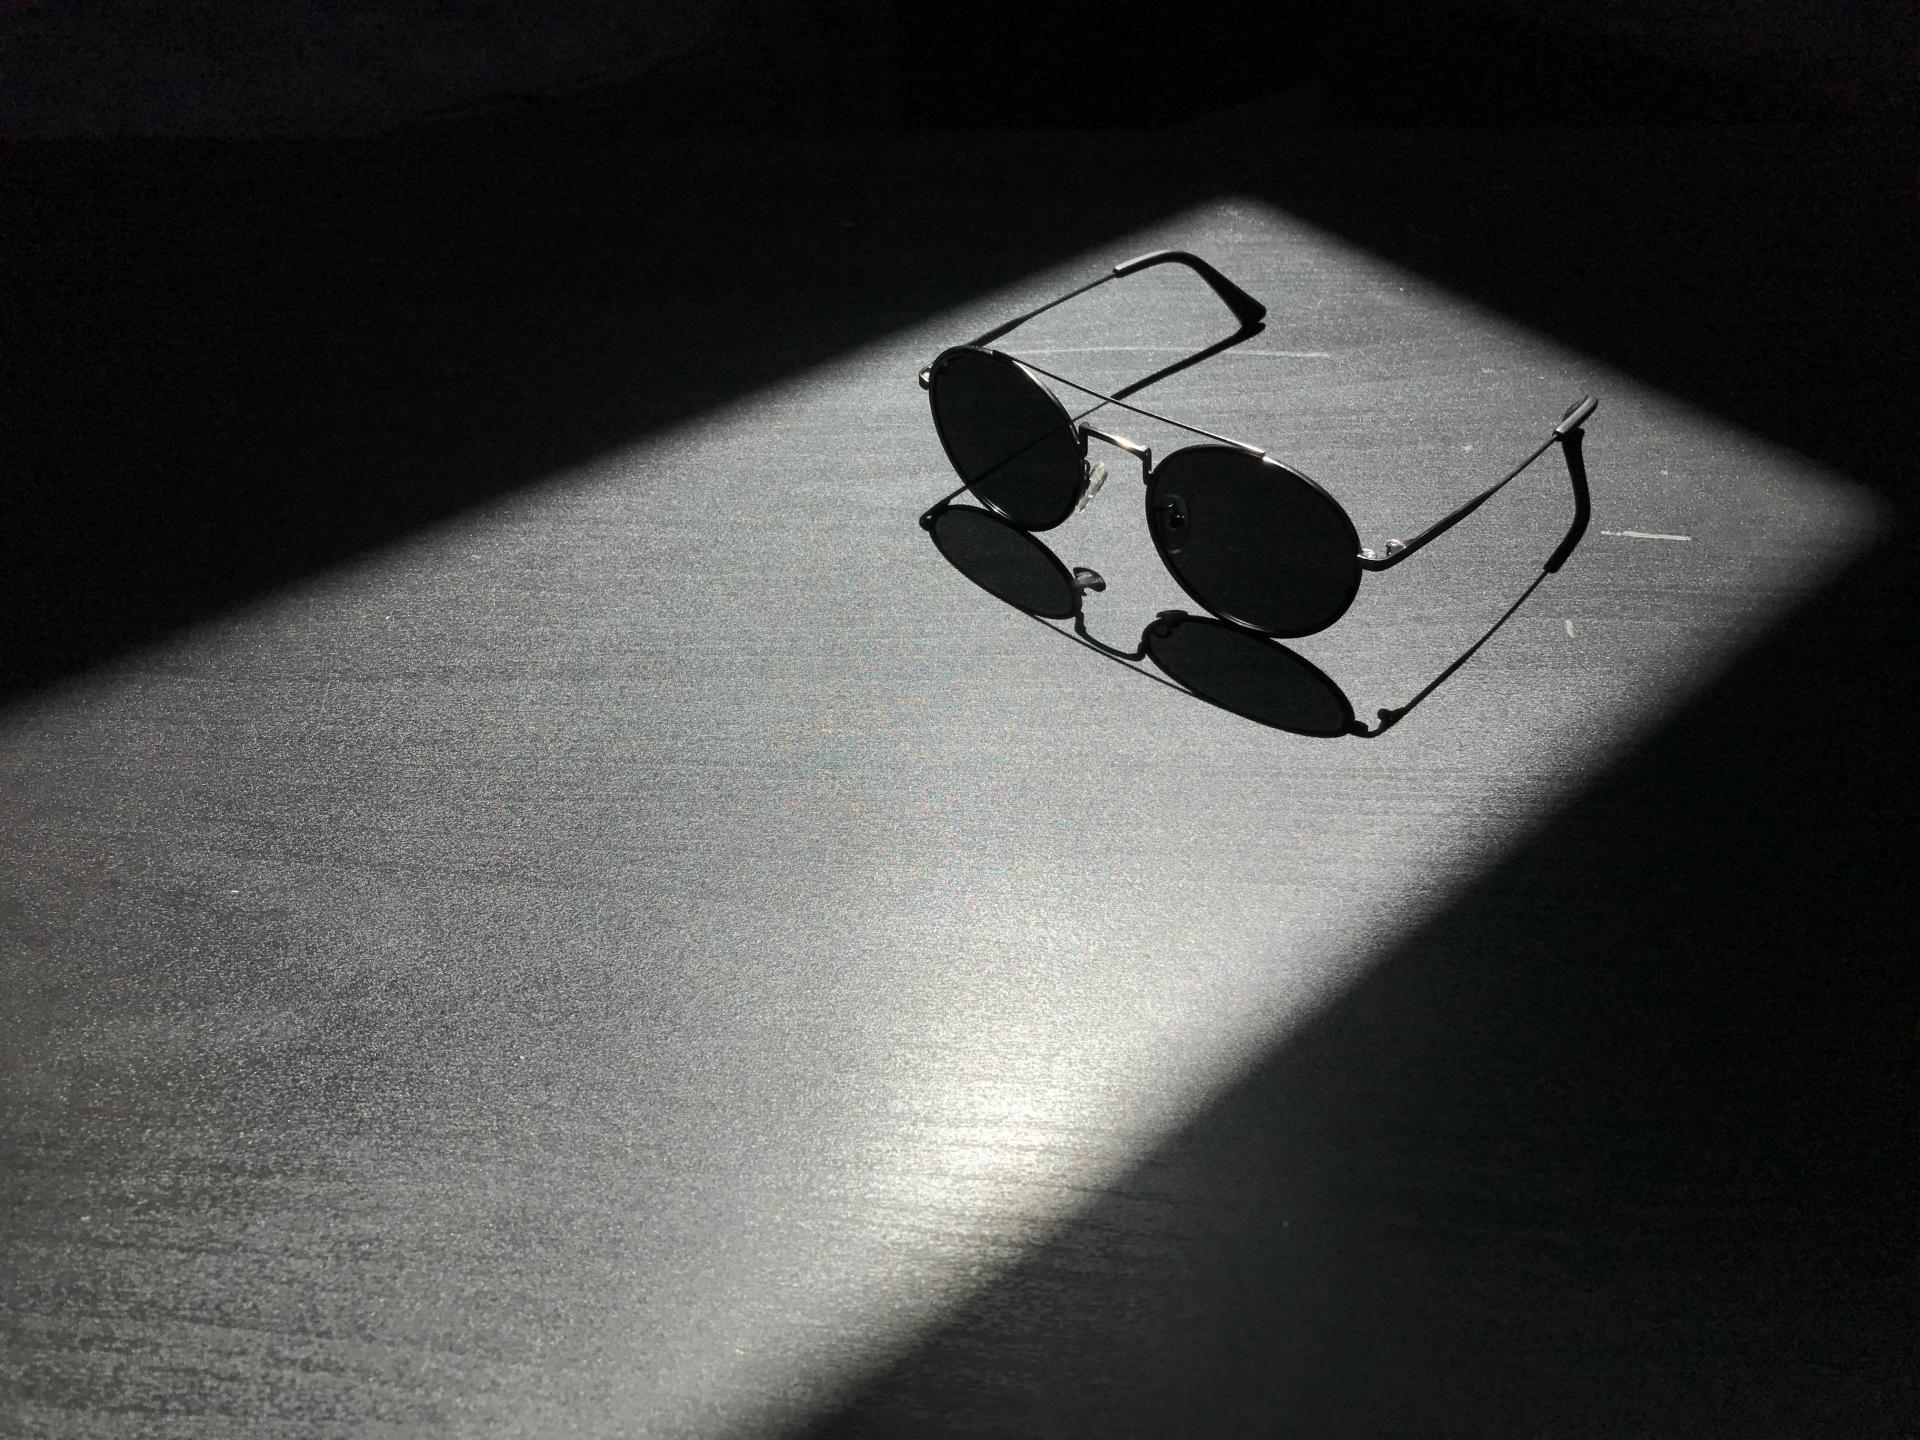 Обзор камеры Oneplus 5: ВСЕ СЛОЖНО [+ сравнение с iPhone 7 Plus]